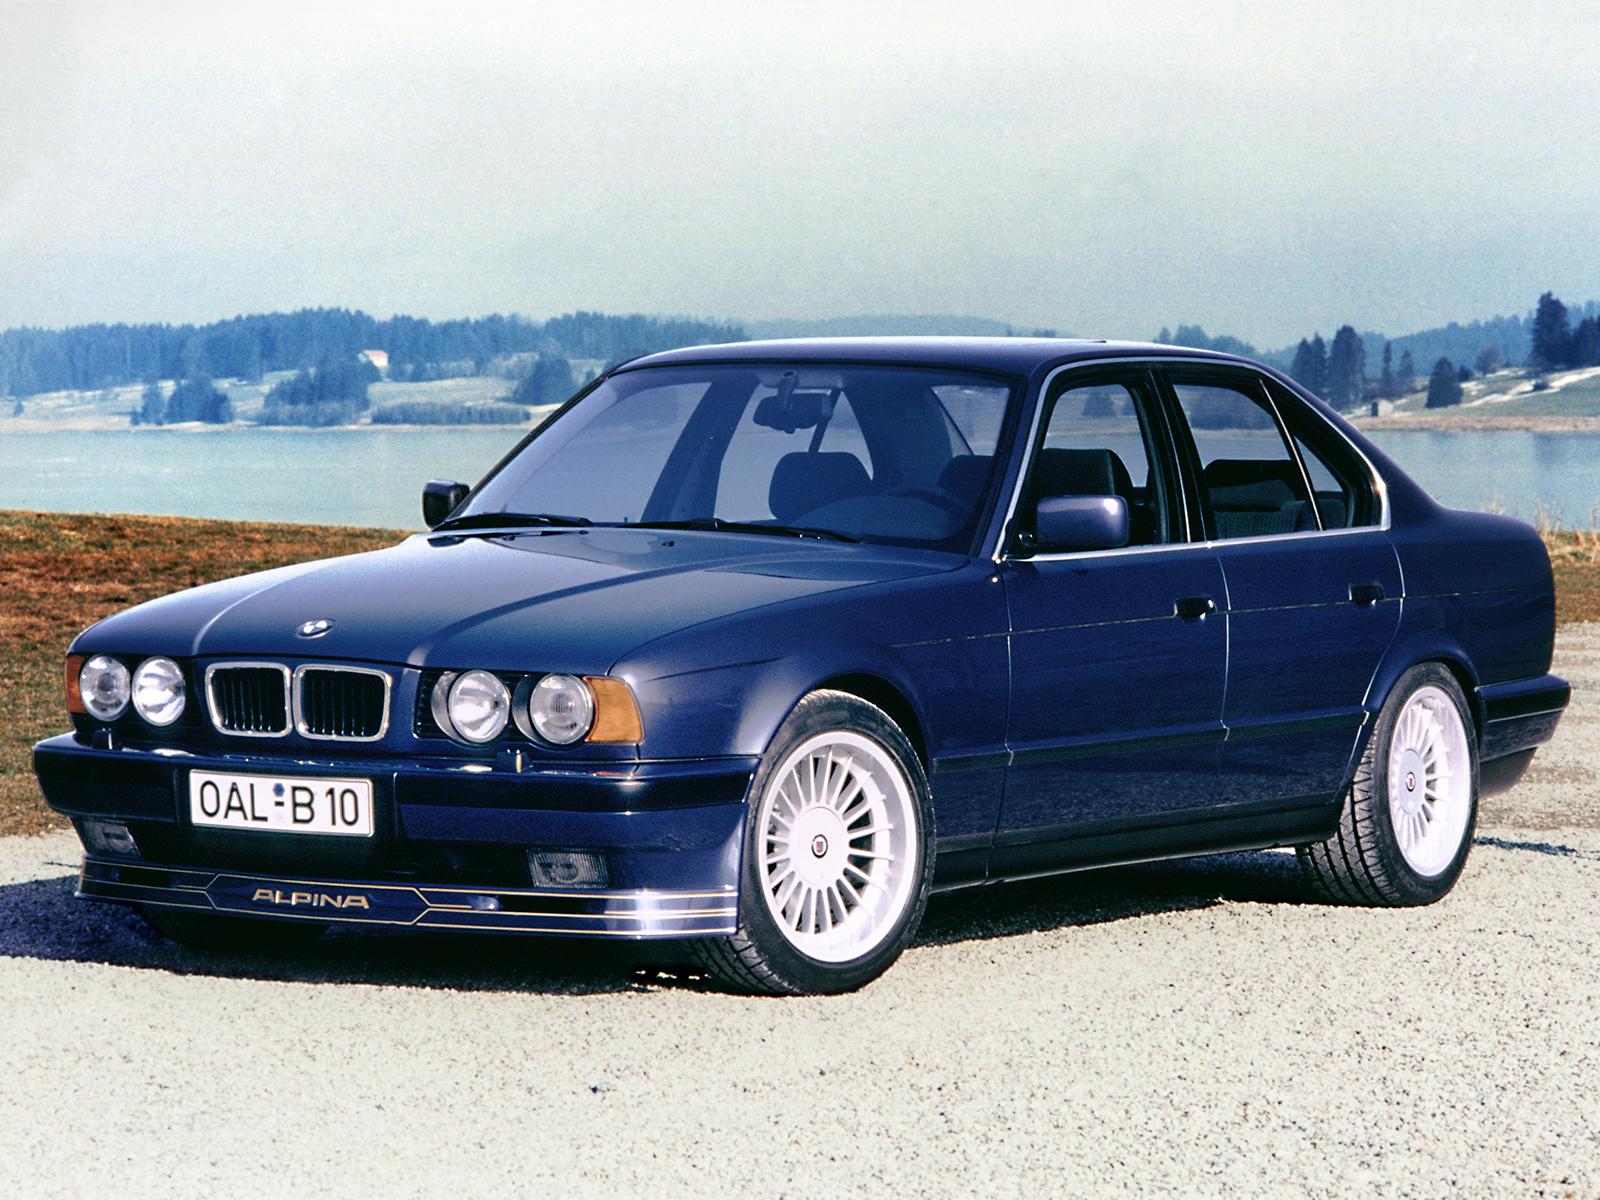 Bmw 5 Series E34 Alpina Automobiles